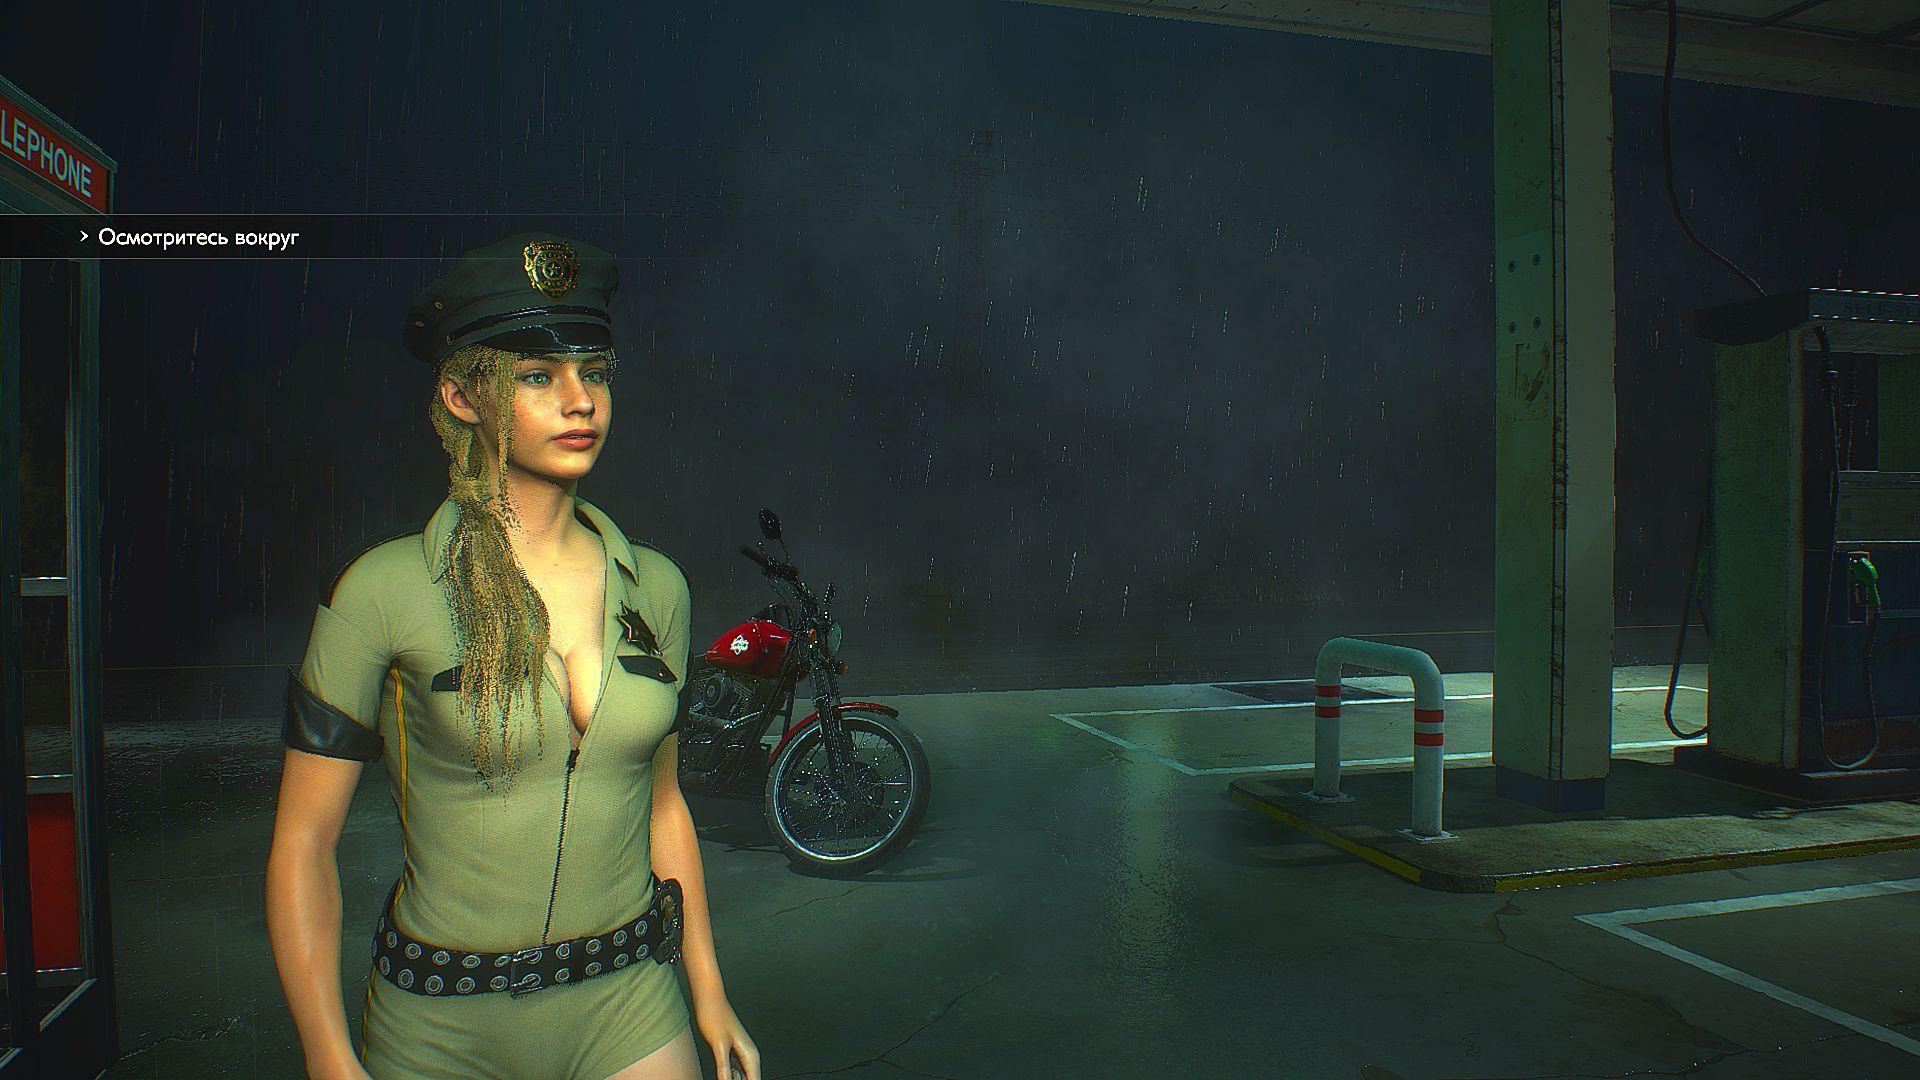 000734.Jpg - Resident Evil 2